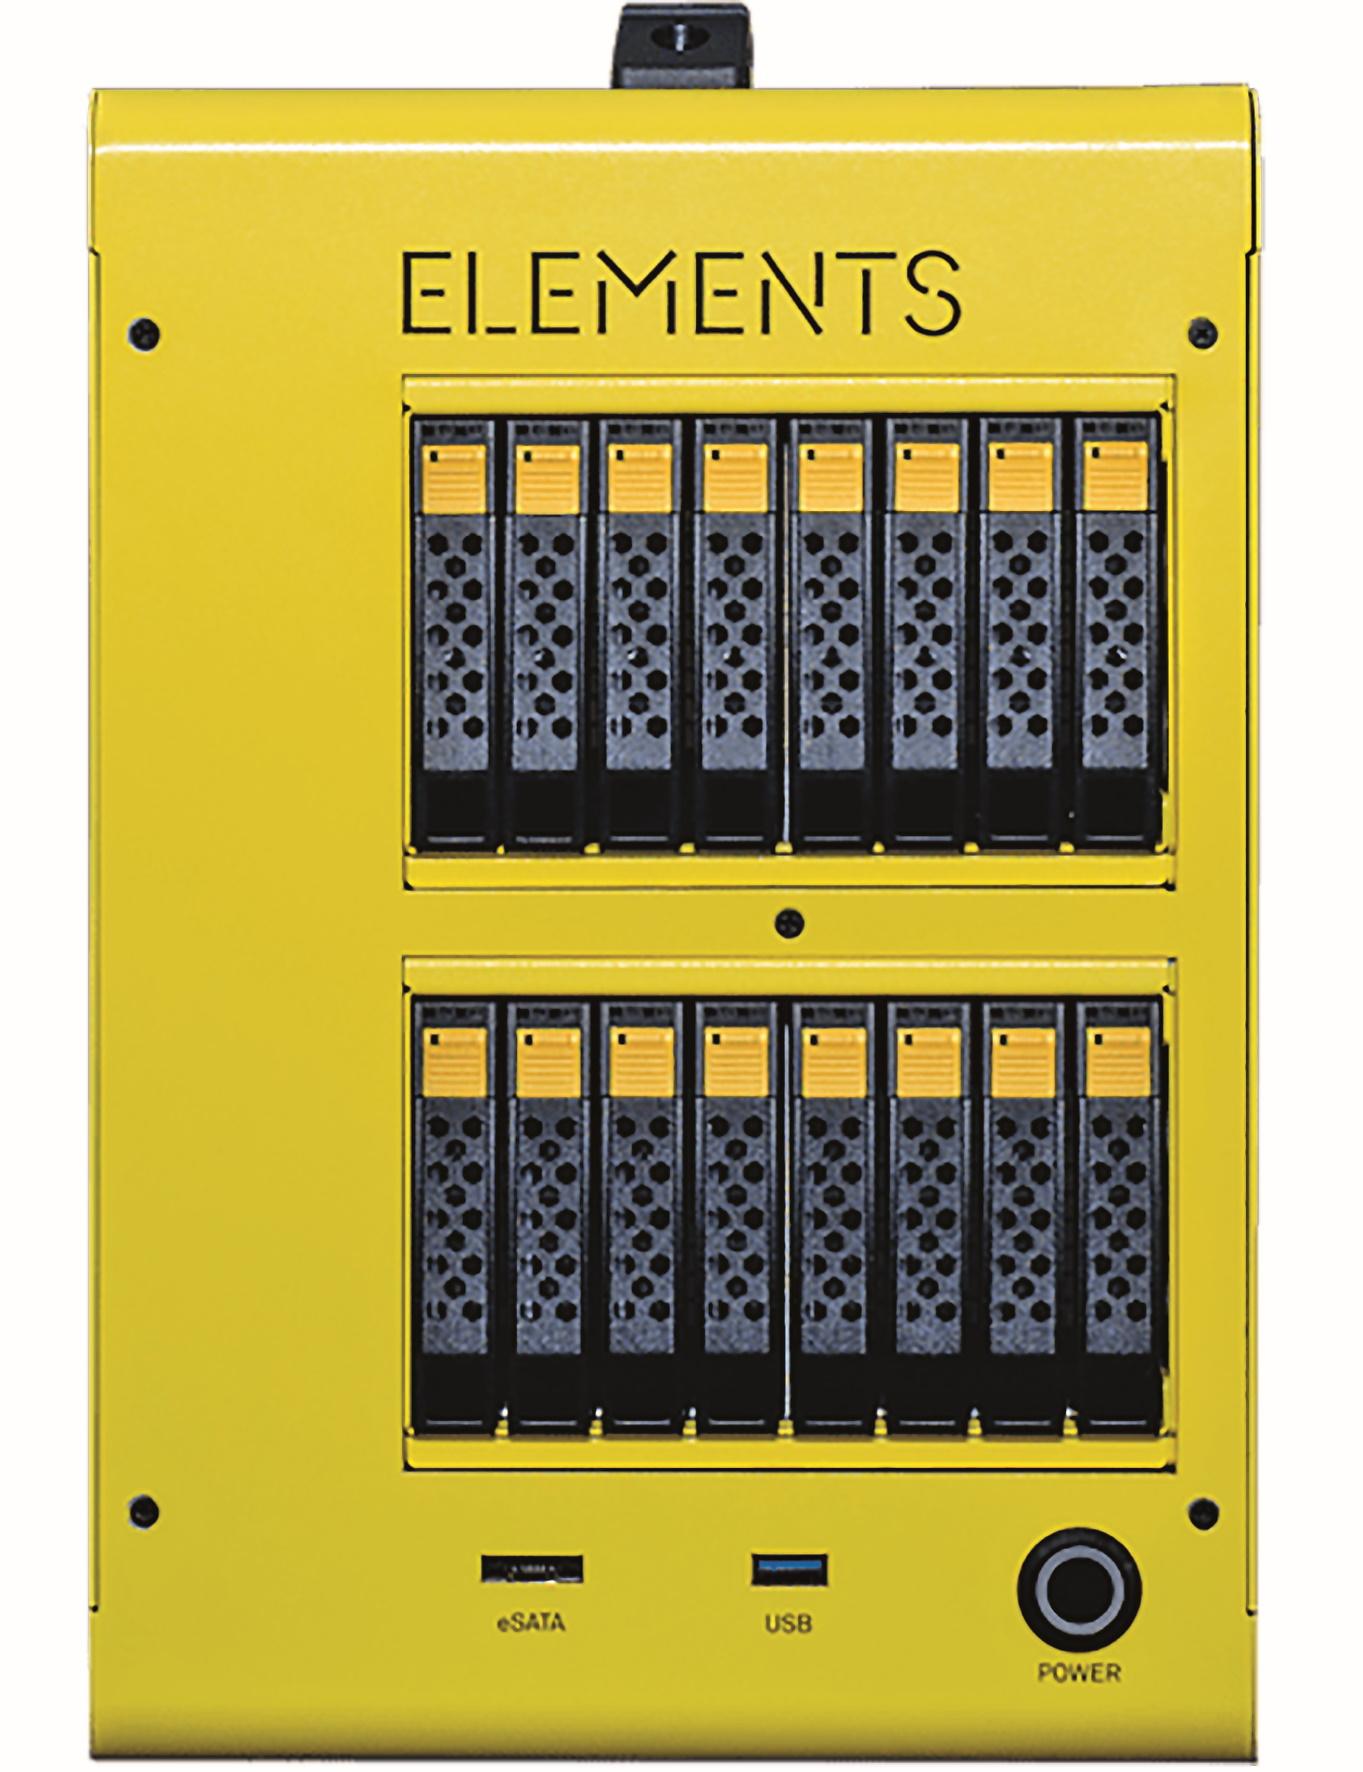 Der Cube mit maximal 32 Tbyte (16 Laufwerke) als RAID6. Mit 40 auf 20 auf 30 cm die beste Variante, den Platz im Studio sinnvoll auszunutzen.